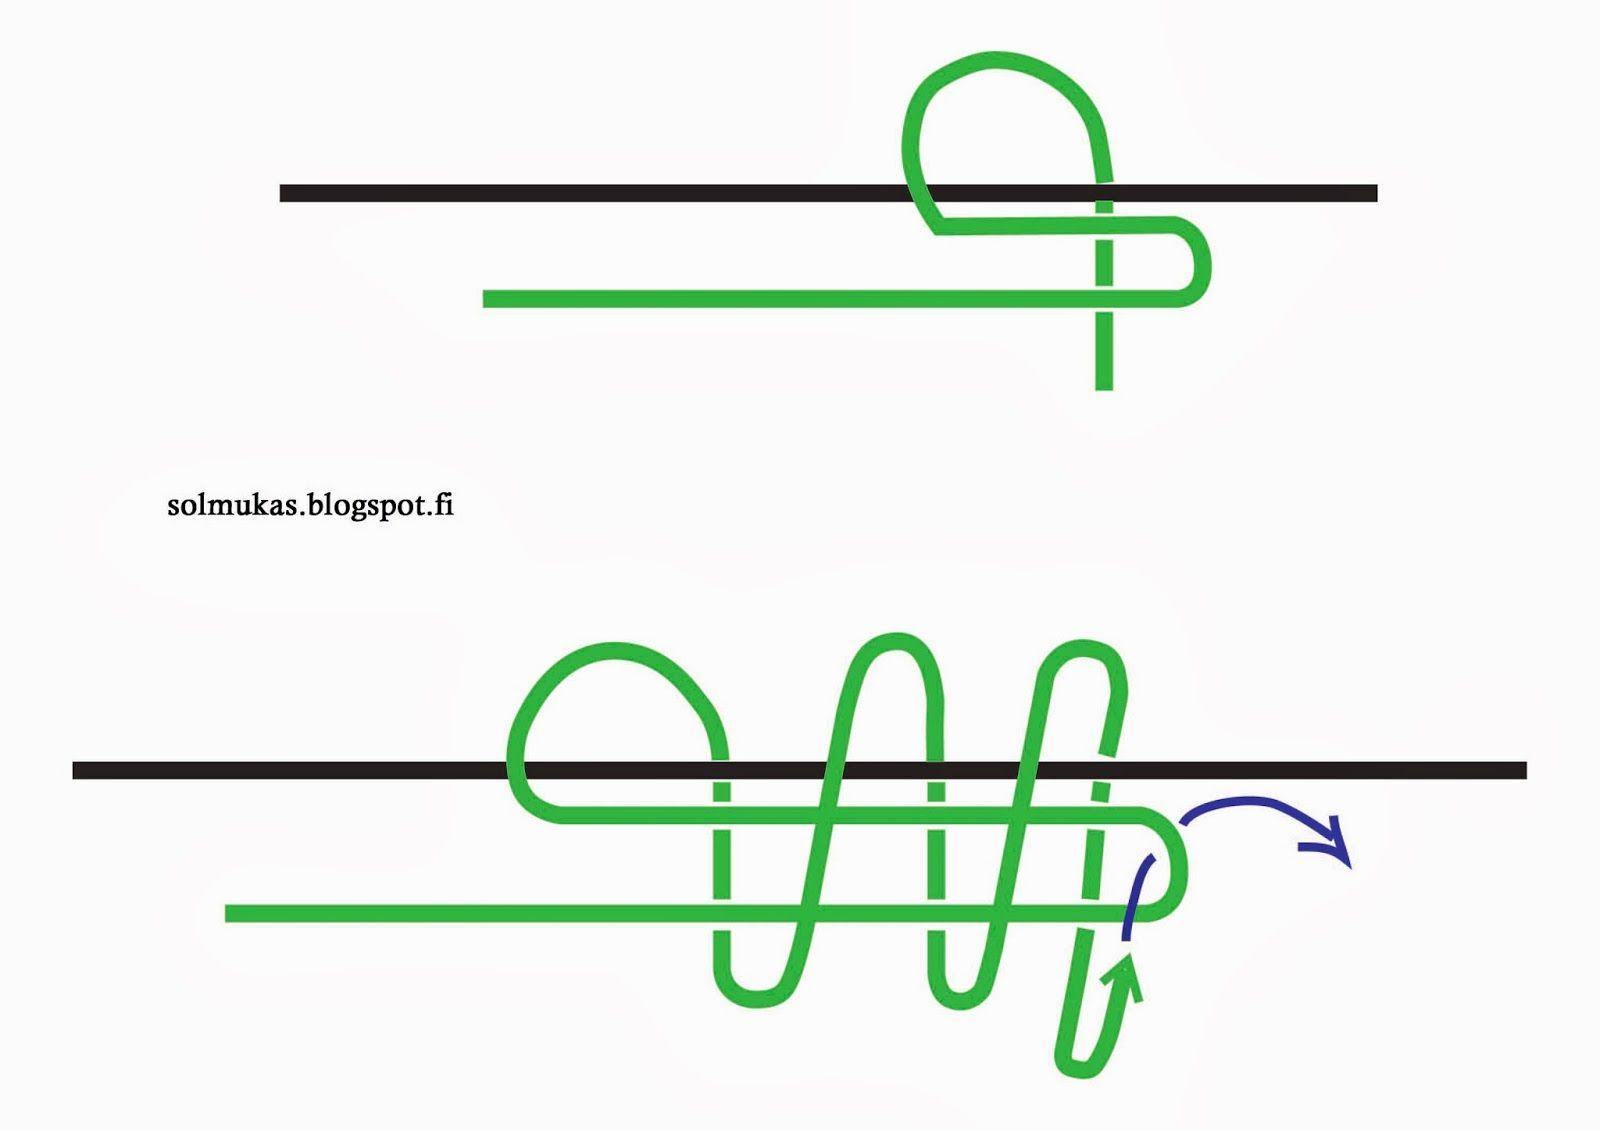 Olen nähnyt muutamia erilaisia versioita säädettävistä solmuista, joita käytetään paljon käsityöläisten kaulakoruissa. Itse olen todennut kä...